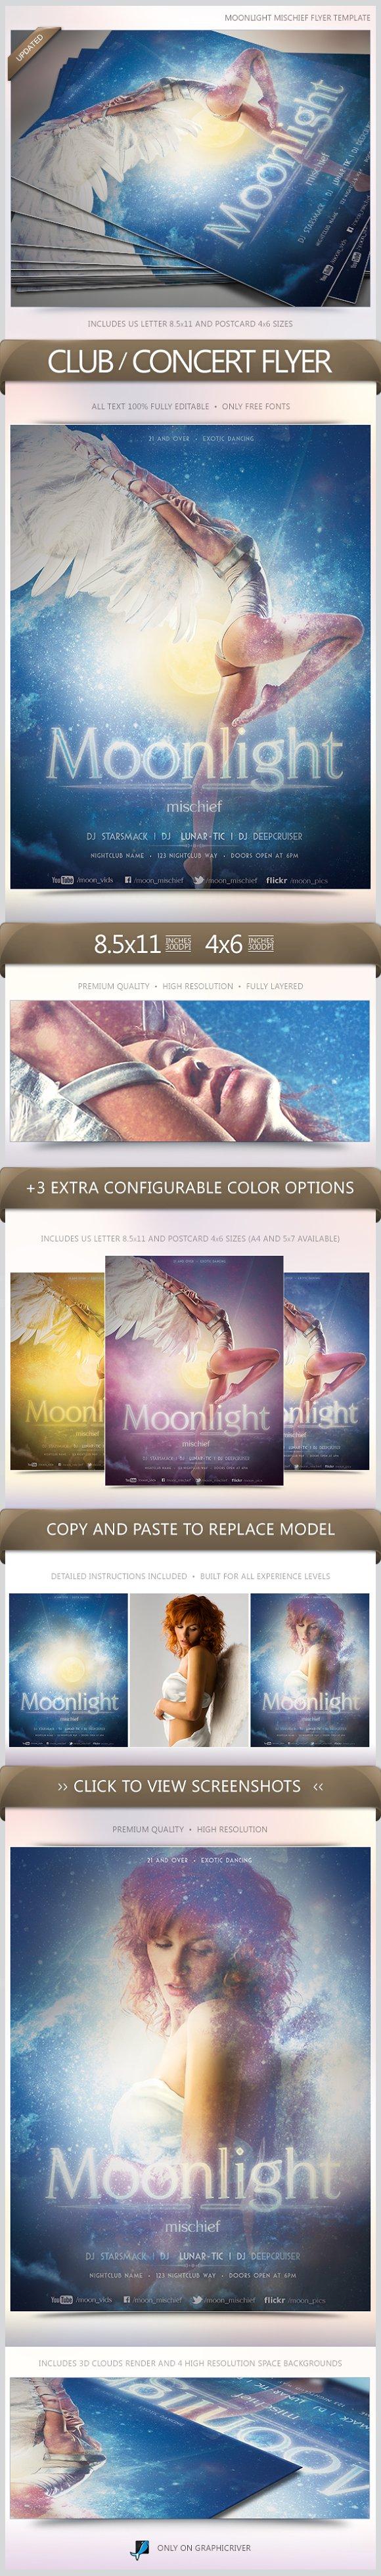 Moonlight Mischief Party Flyer